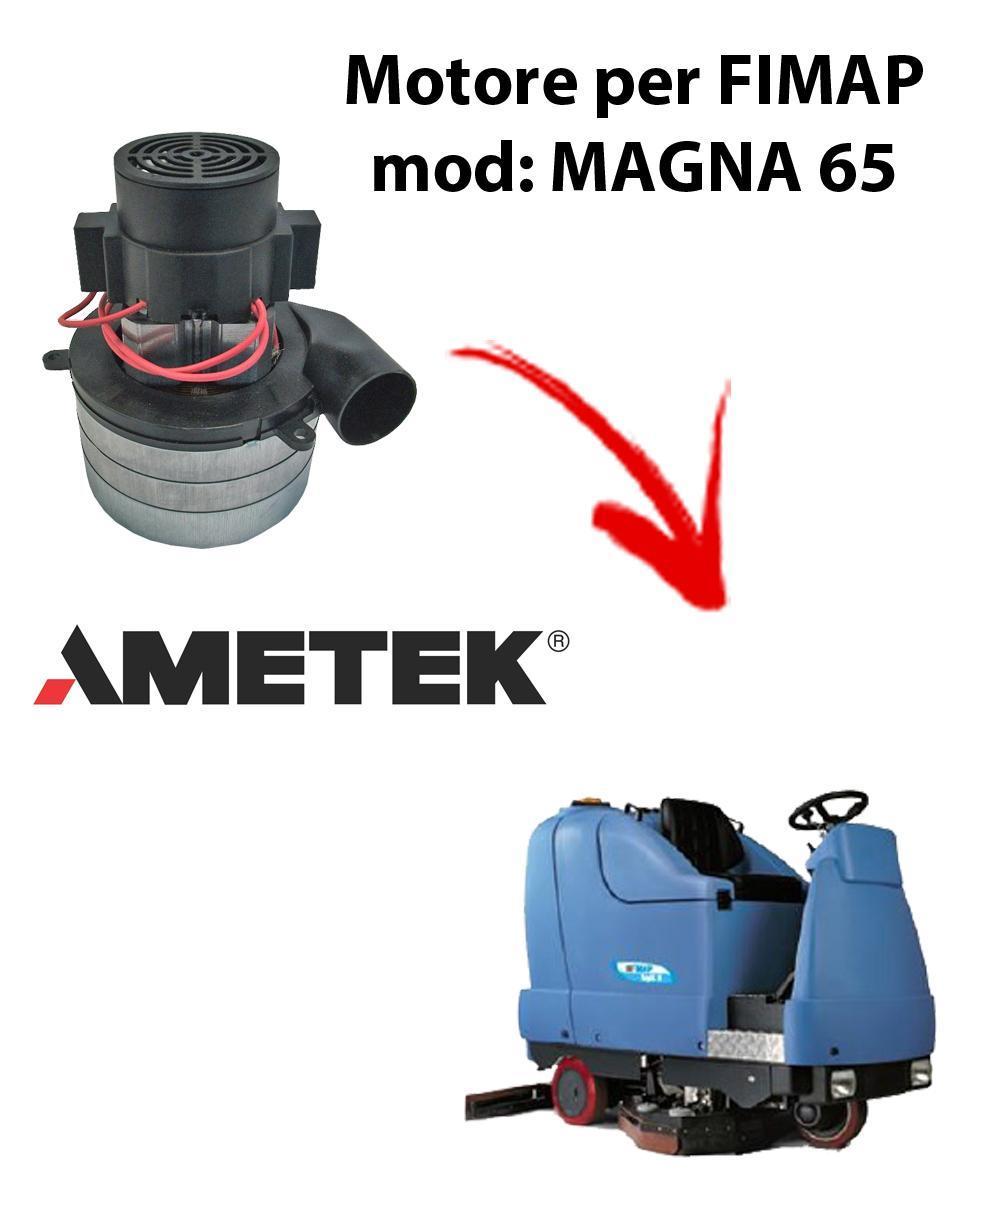 MAGNA 65 Motore de aspiración Ametek Italia  para fregadora Fimap